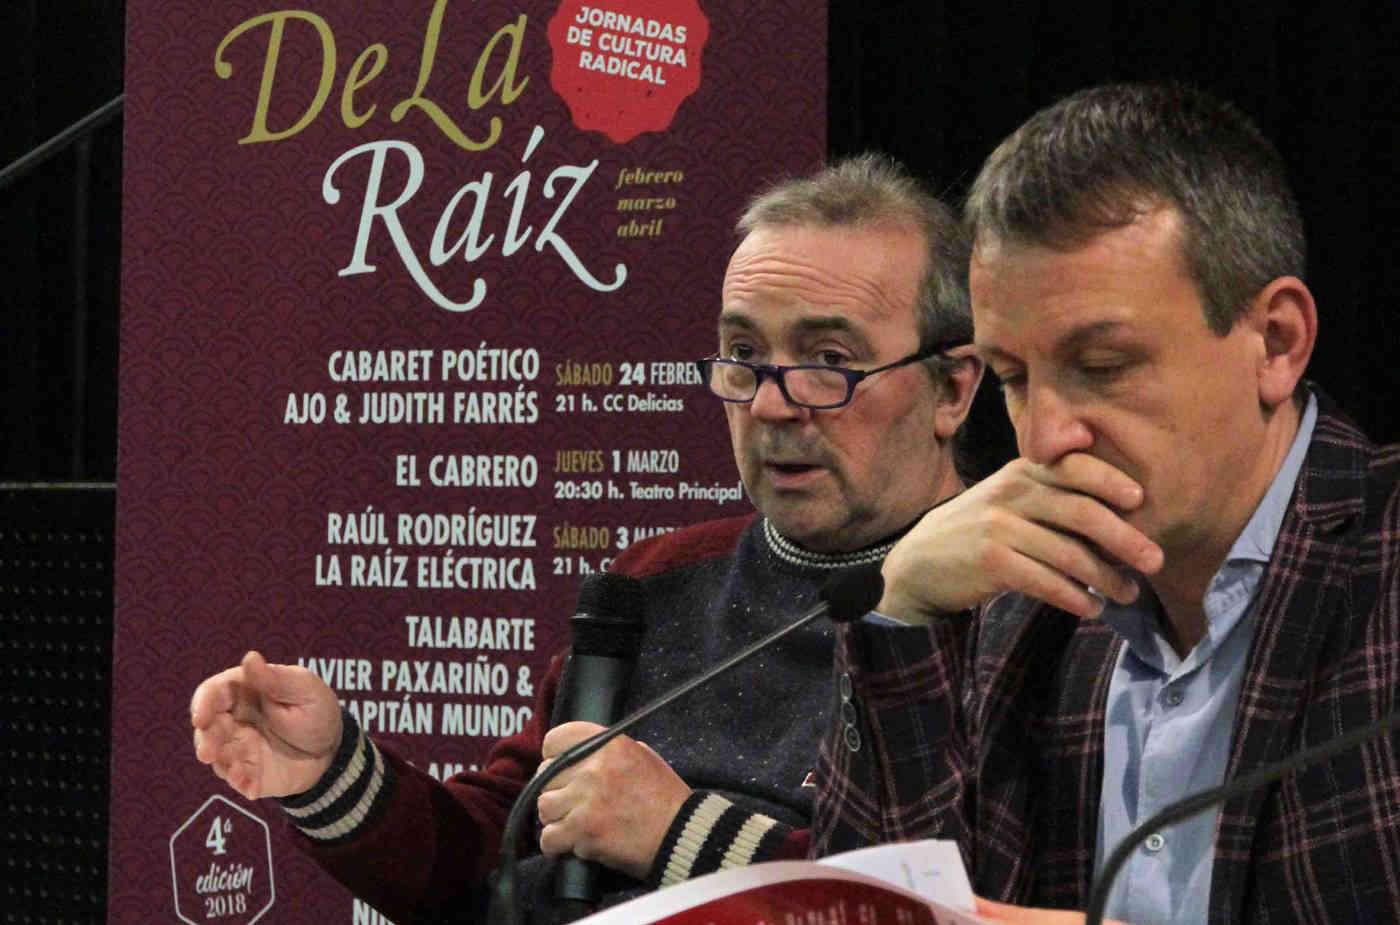 Raimundo Amador, Jaime Urrutia y Niño de Elche en el IV Ciclo De La Raíz